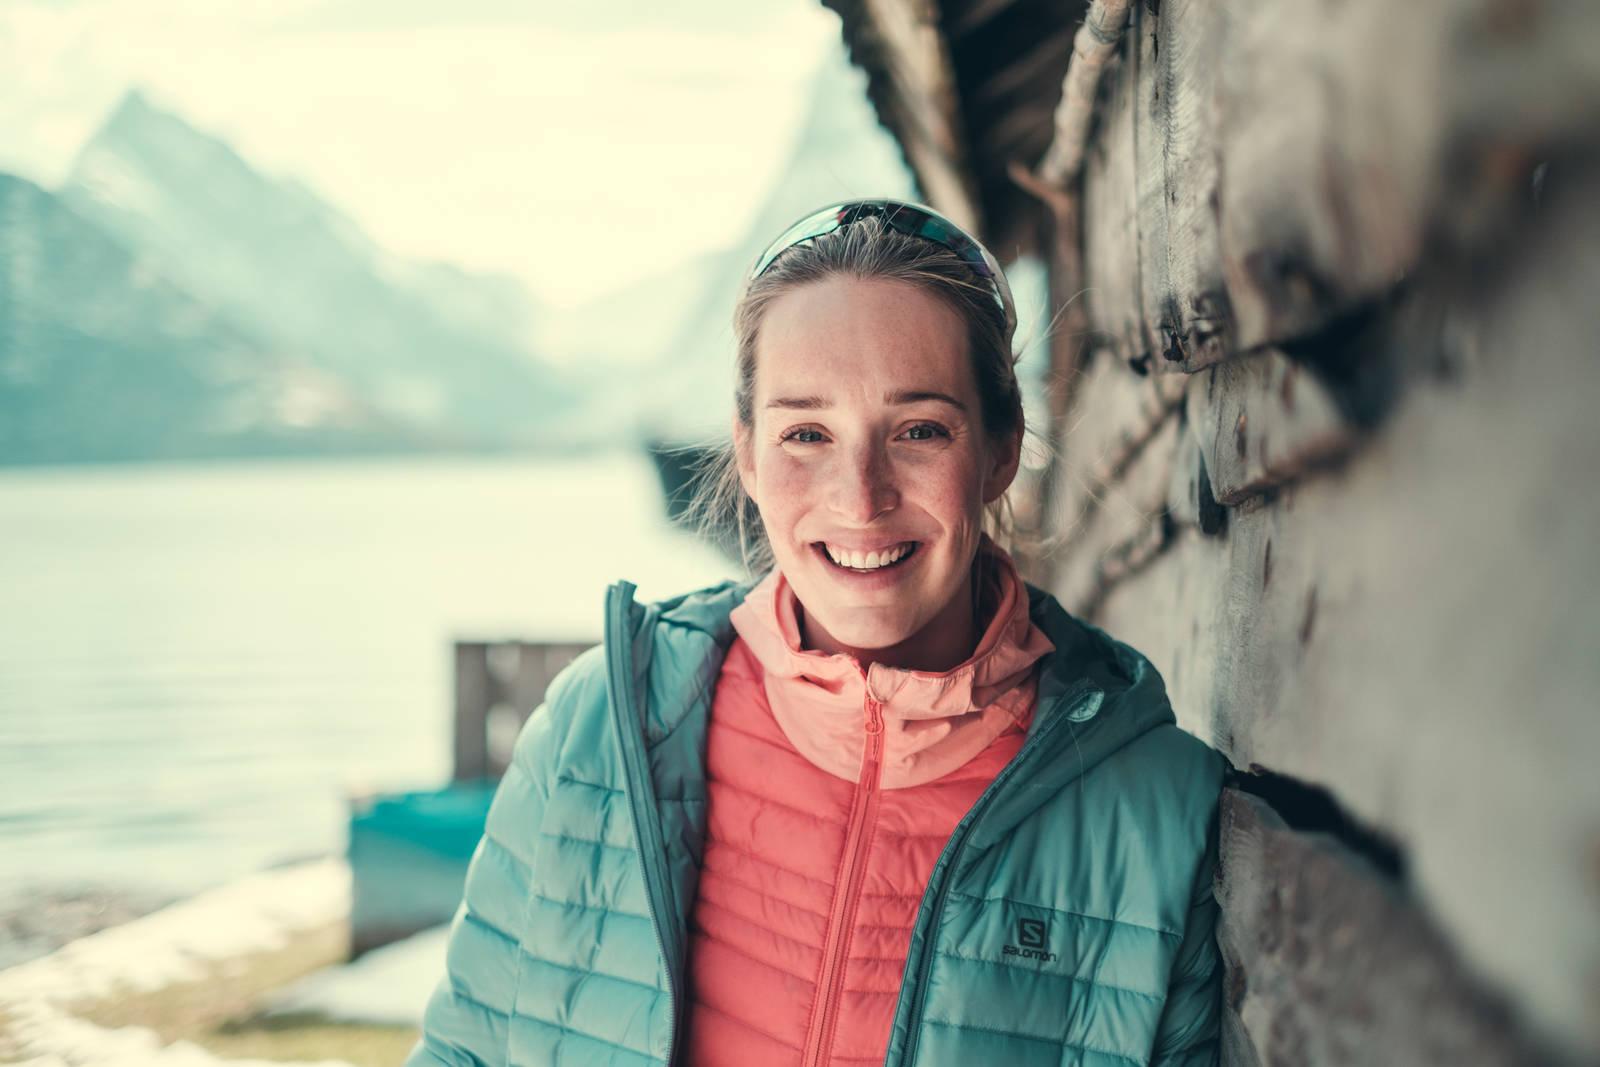 Heidi Pallin Aaring er i likhet med mannen Robert en svært dyktig skikjører. Allerede fem uker etter at sønnen Lavrans ble født, var hun på sin første skitur. Bilde: Bård Gundersen